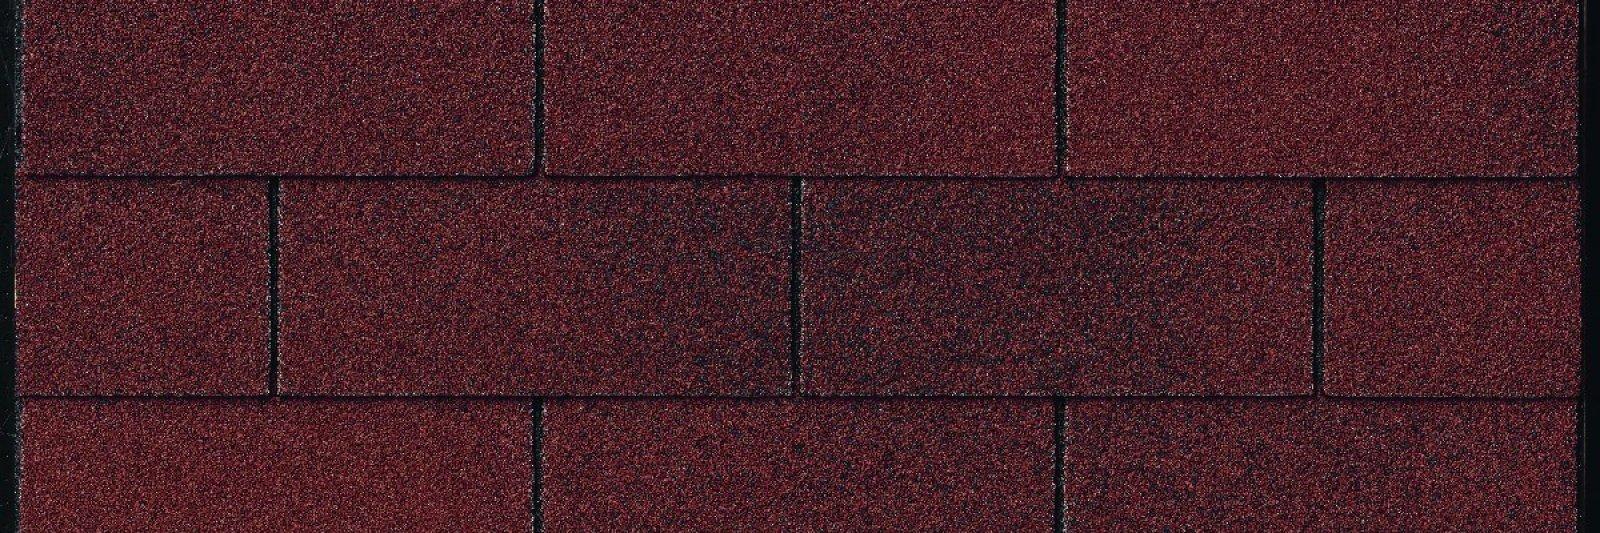 Tile Red Blend image